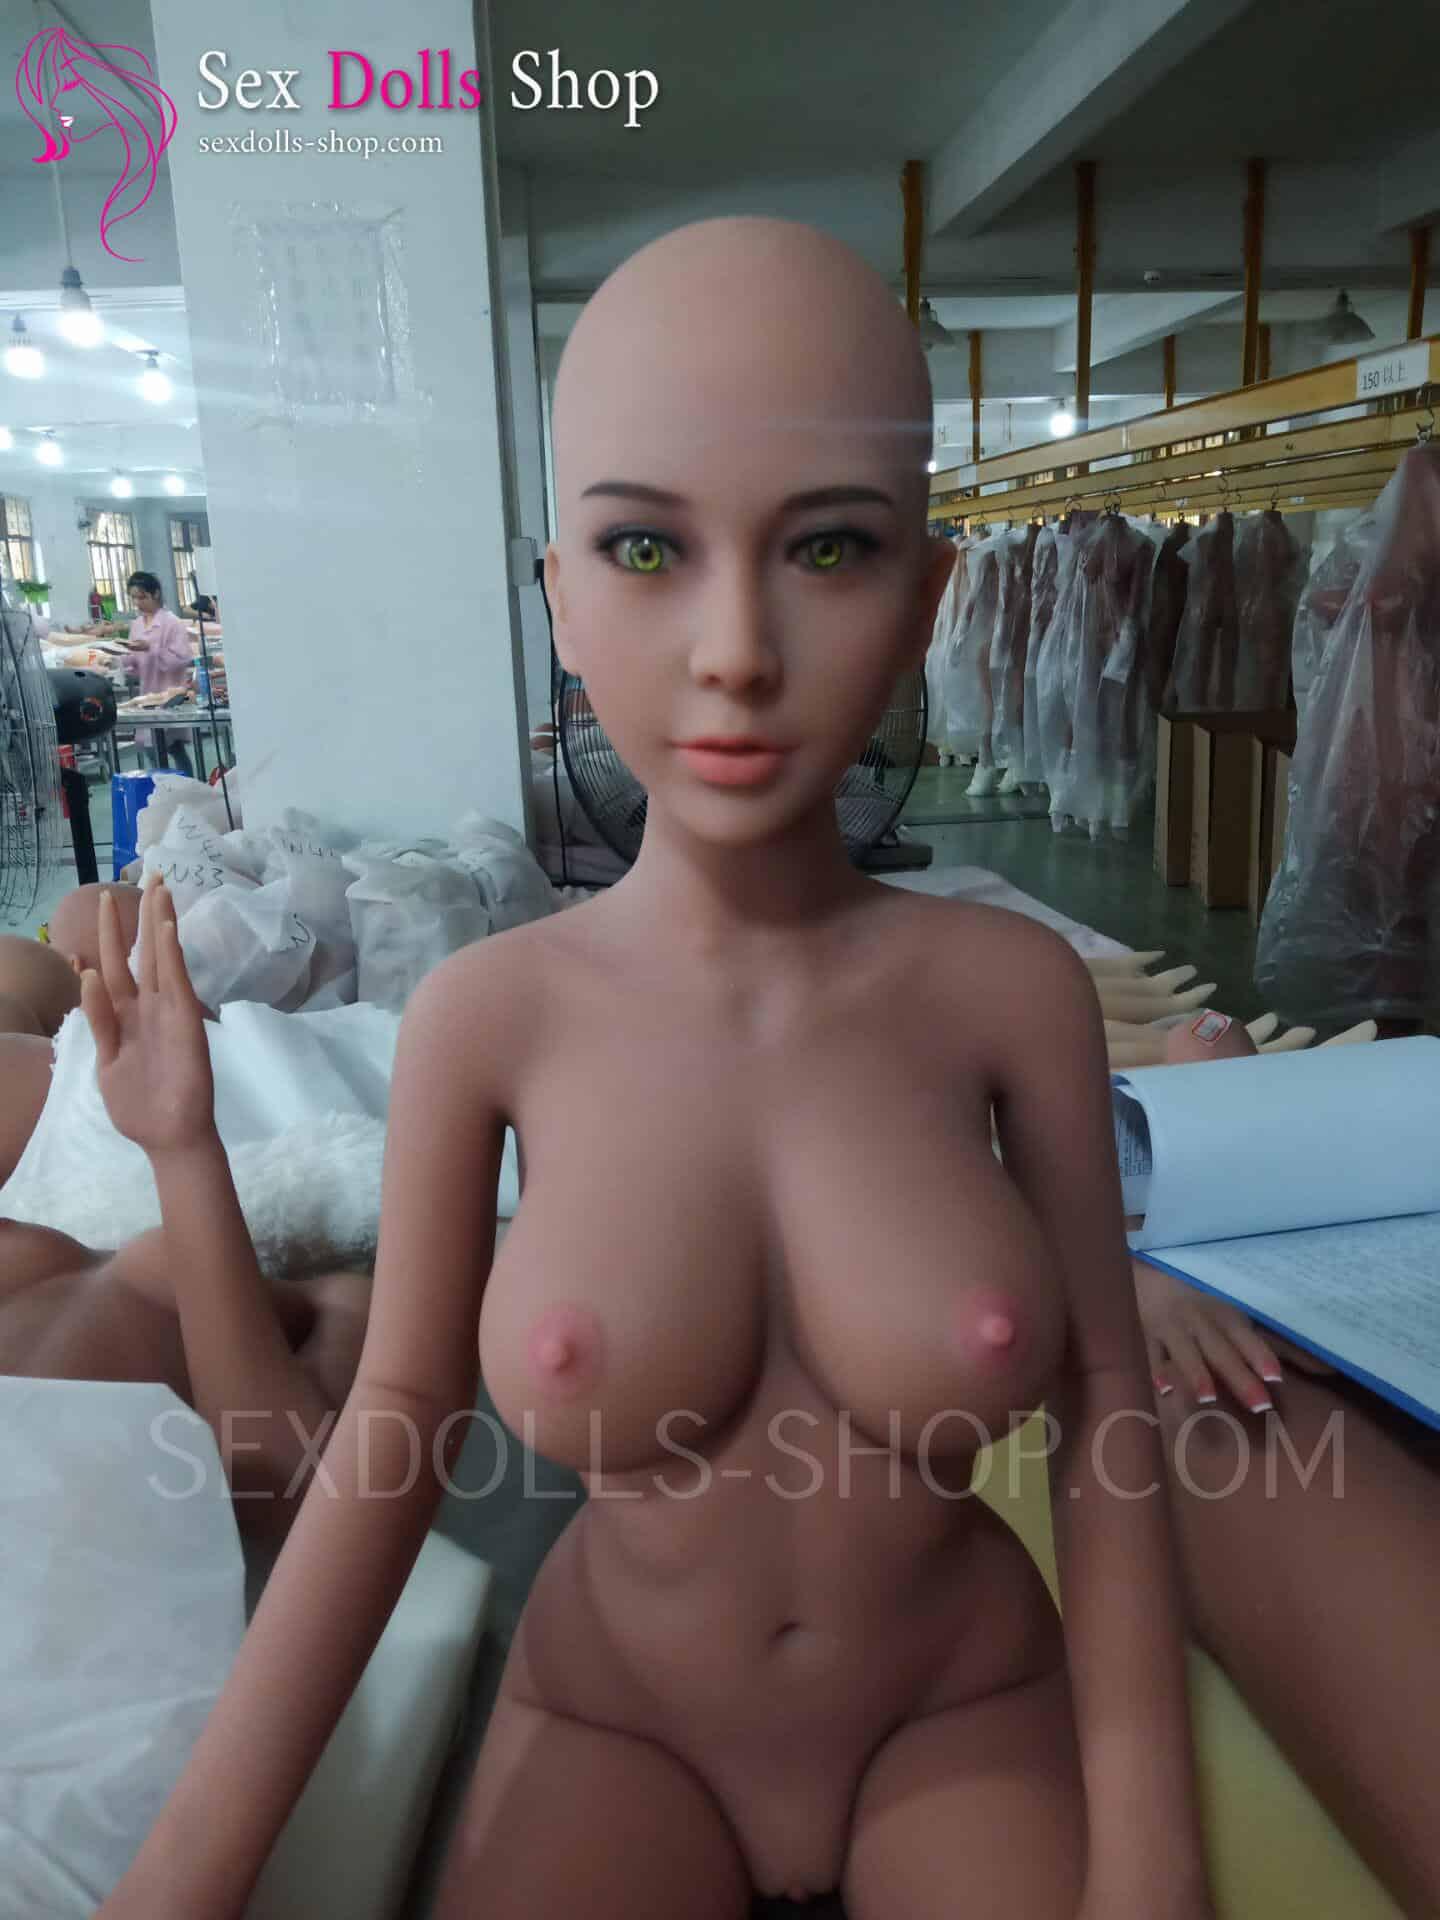 wm 140cm D cup tan skin pink nipples head 56